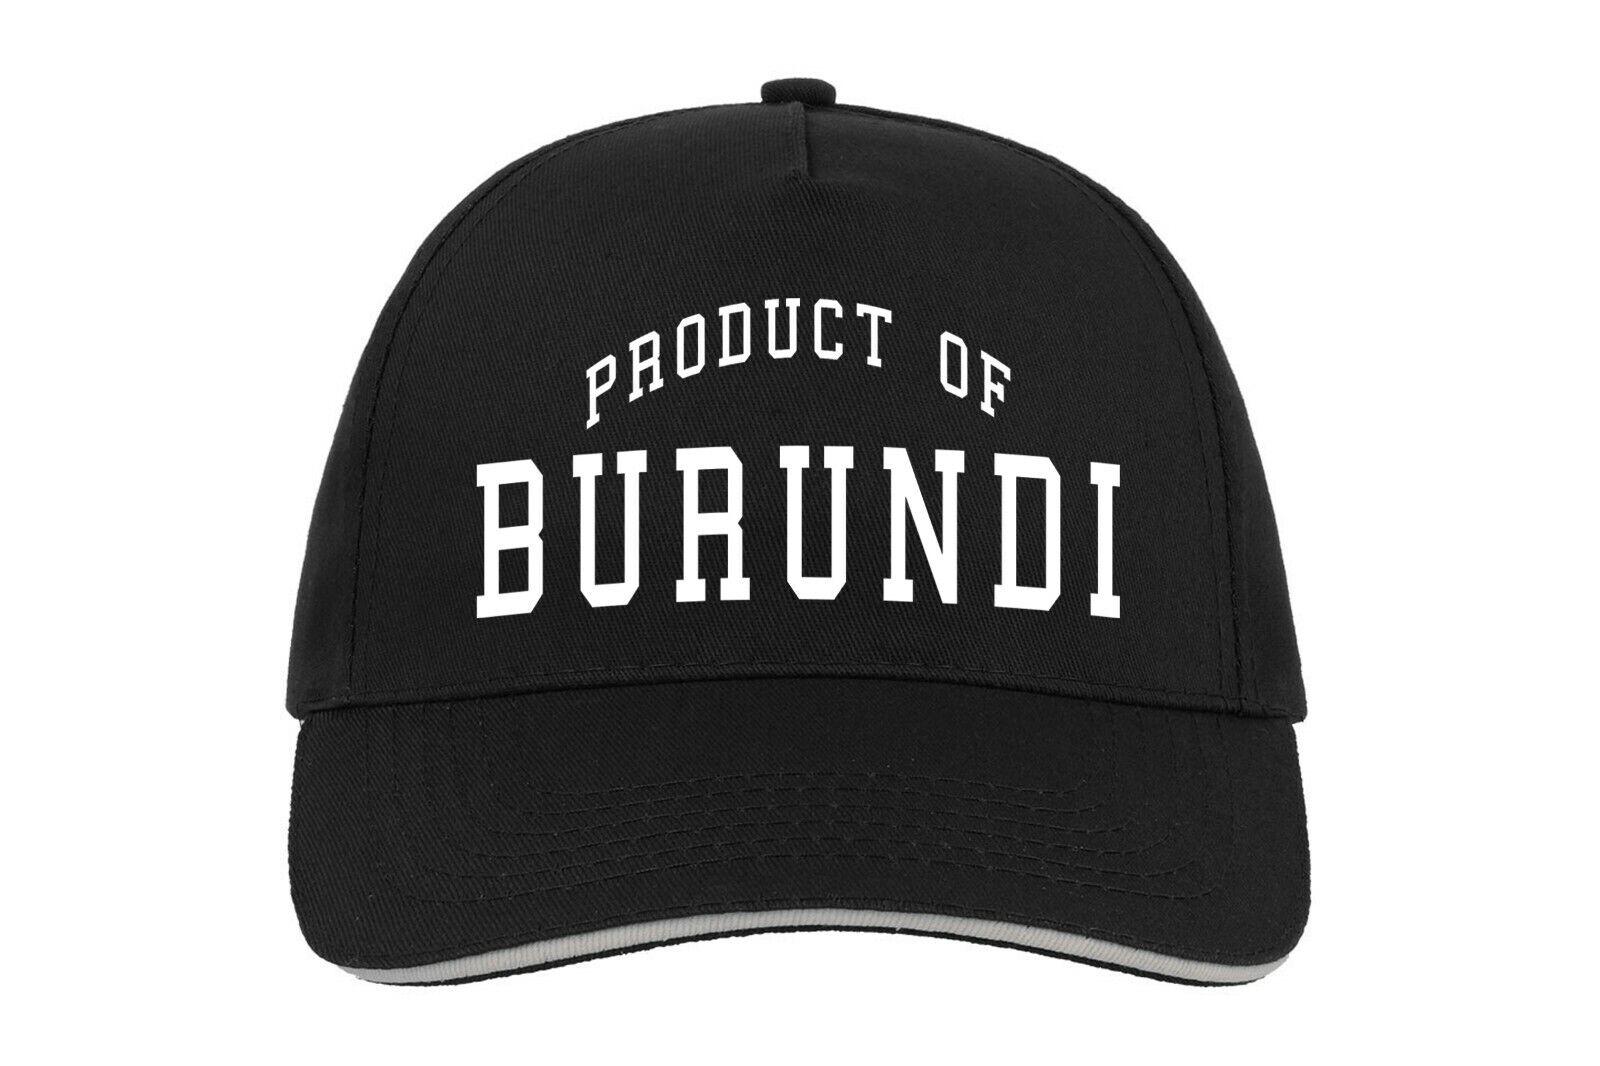 Burundi Produkt Von Baseballmütze Cap Geburtstagsgeschenk Maßgefertigt Country